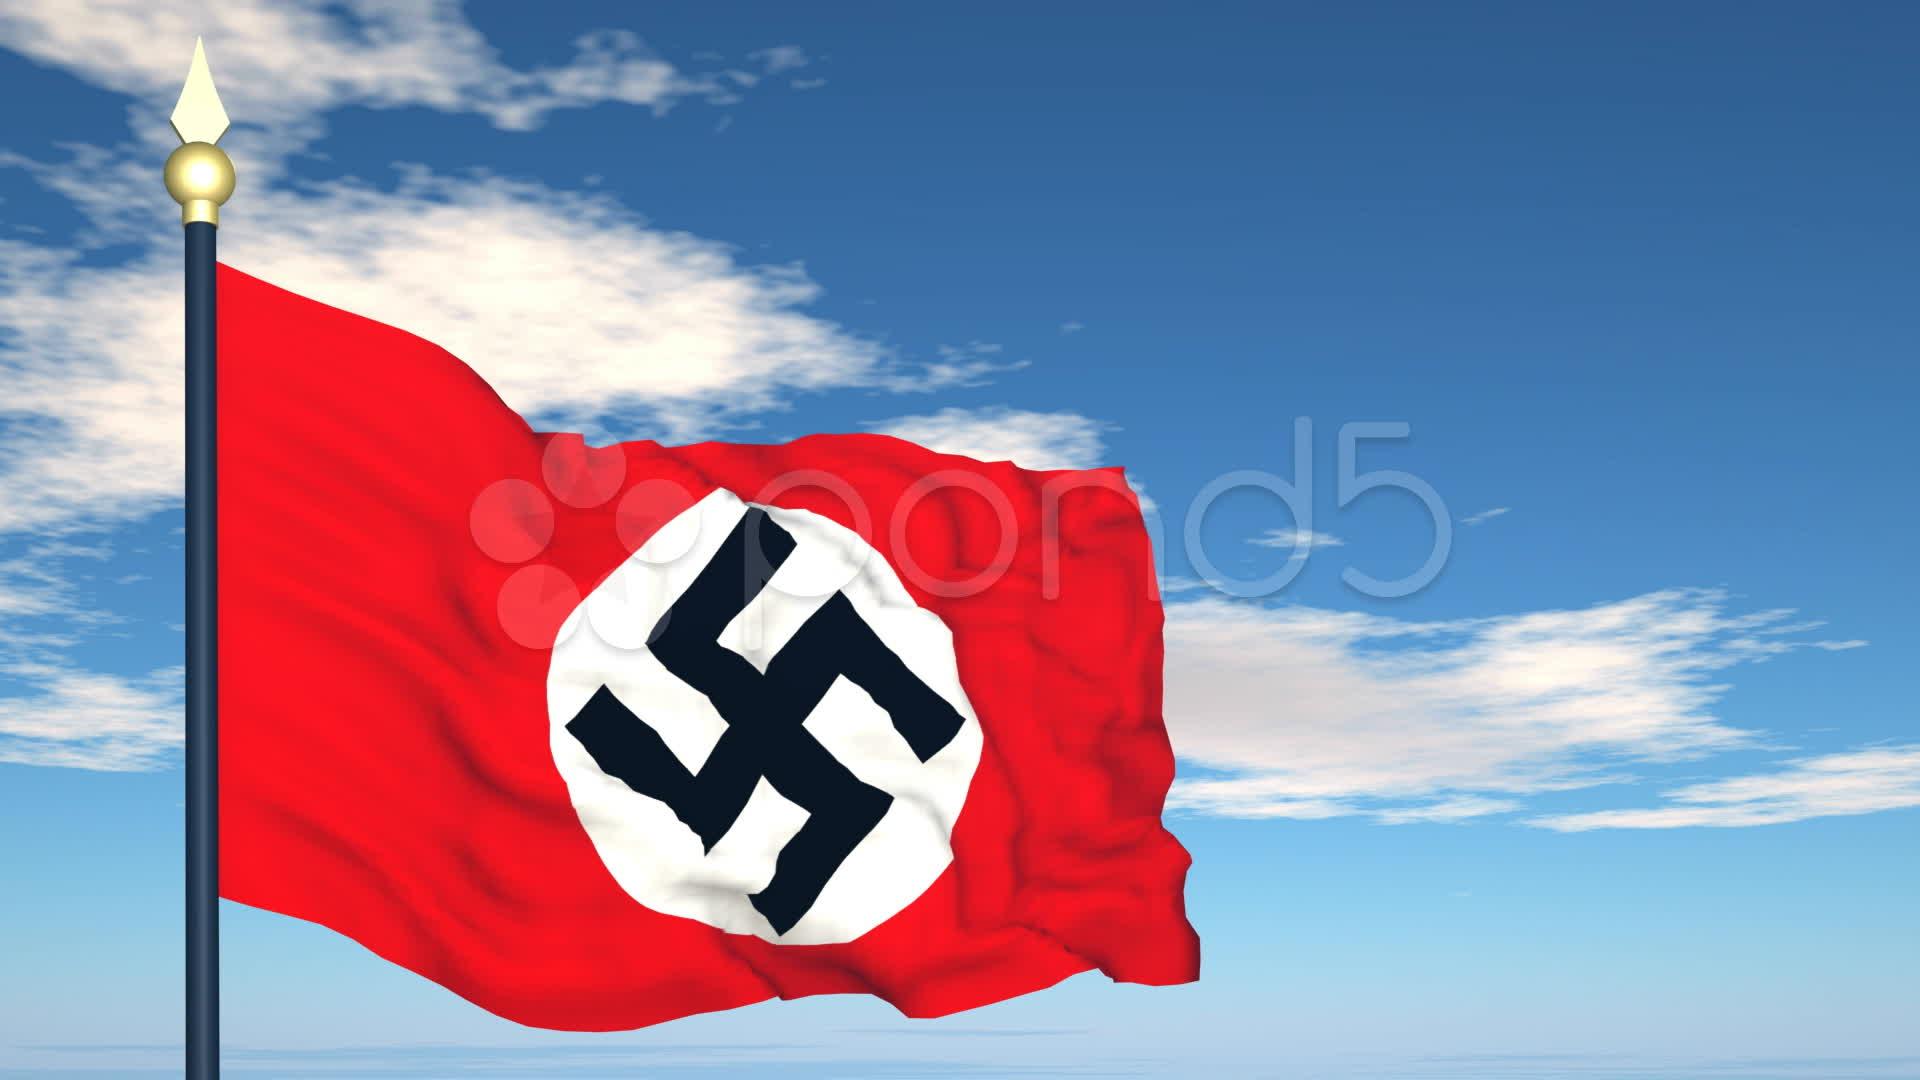 Латвии фото немецкого флага с крестом МЧС